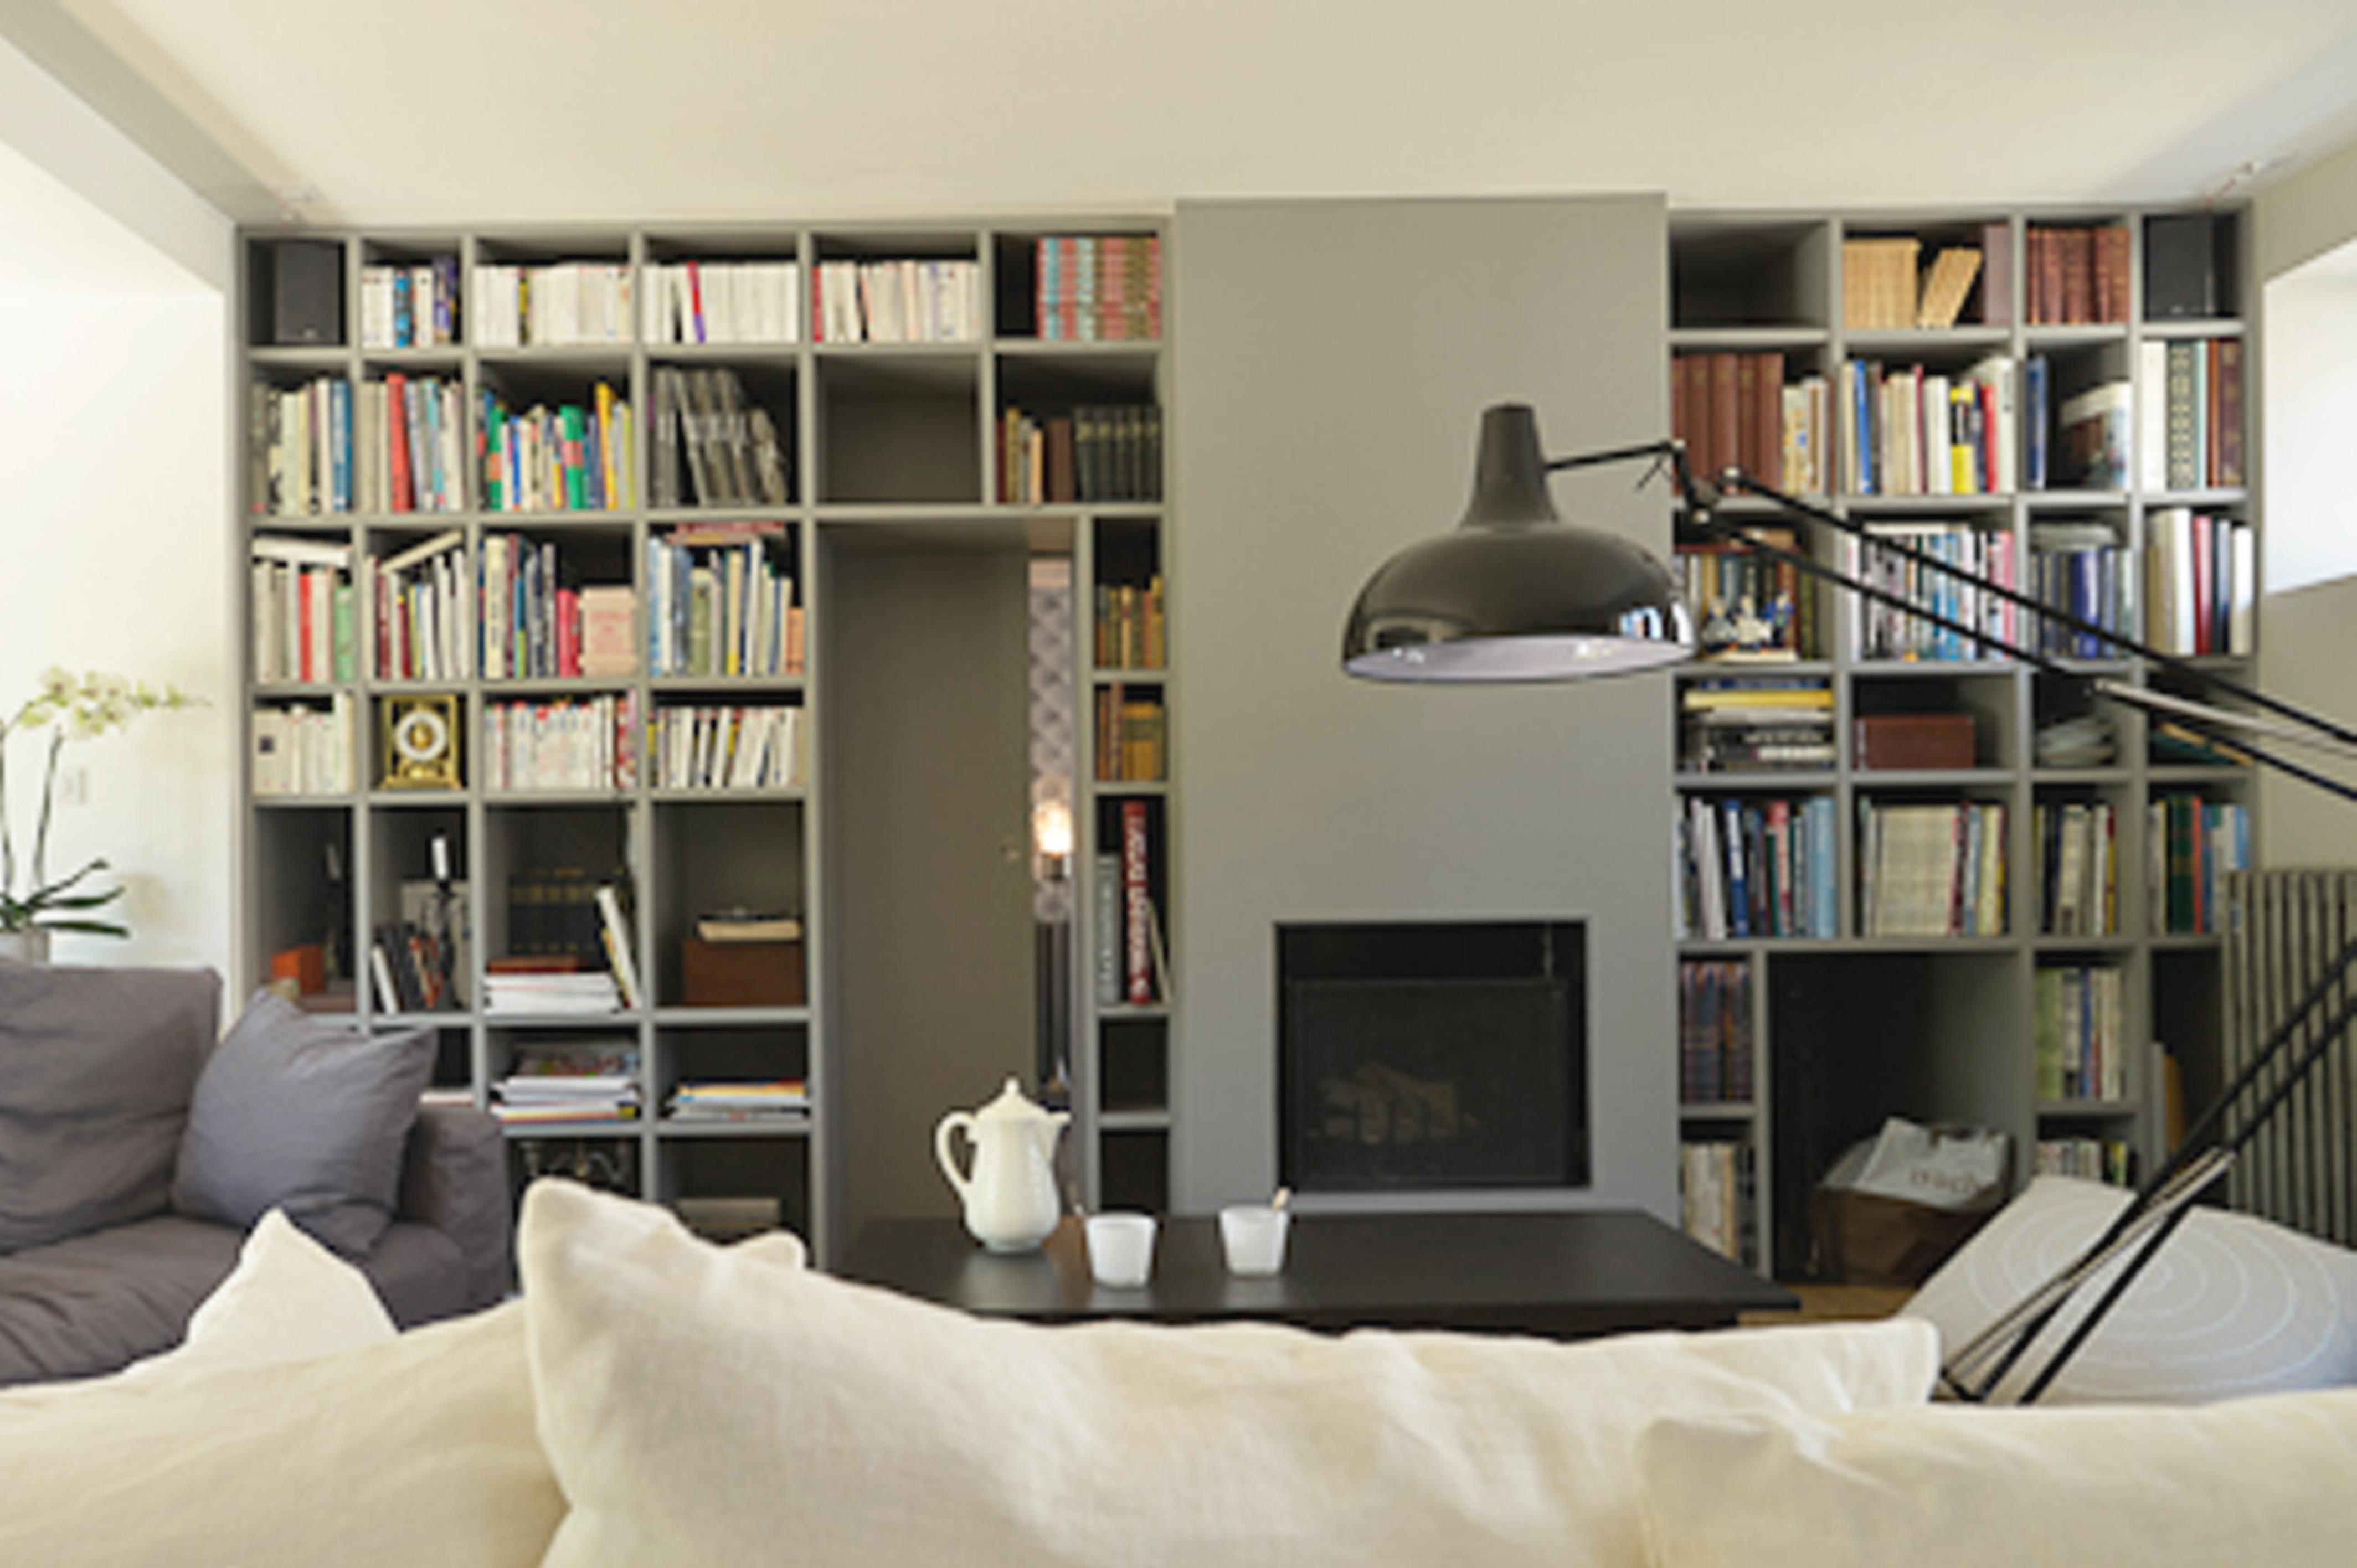 Rénovation complète d'une maison à Nantes